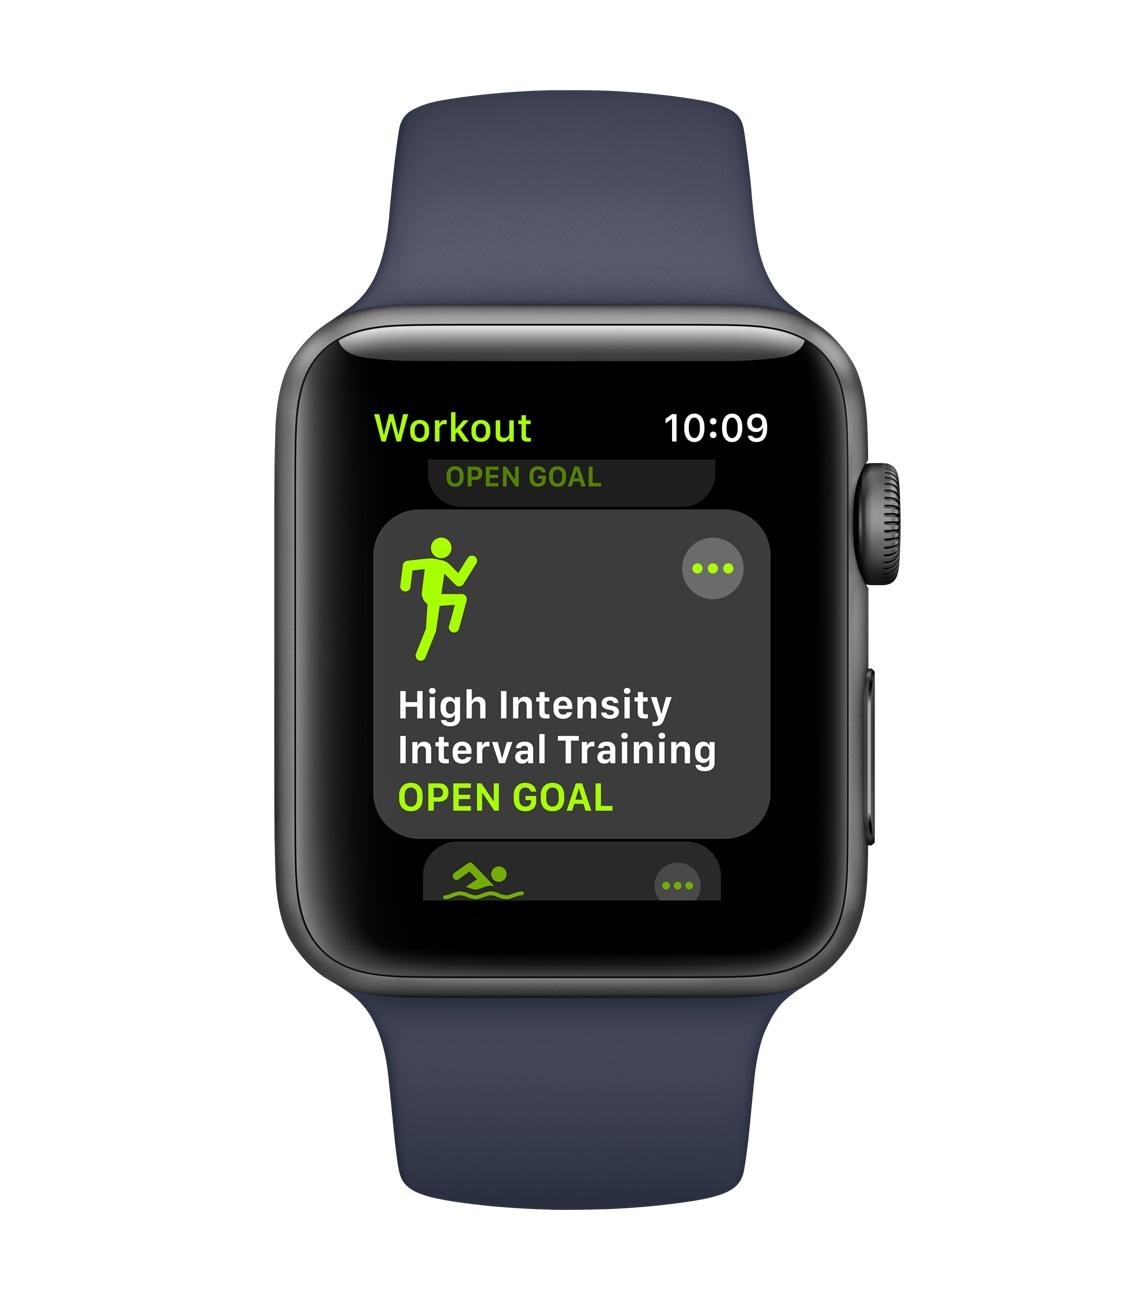 App Exercícios no watchOS 4